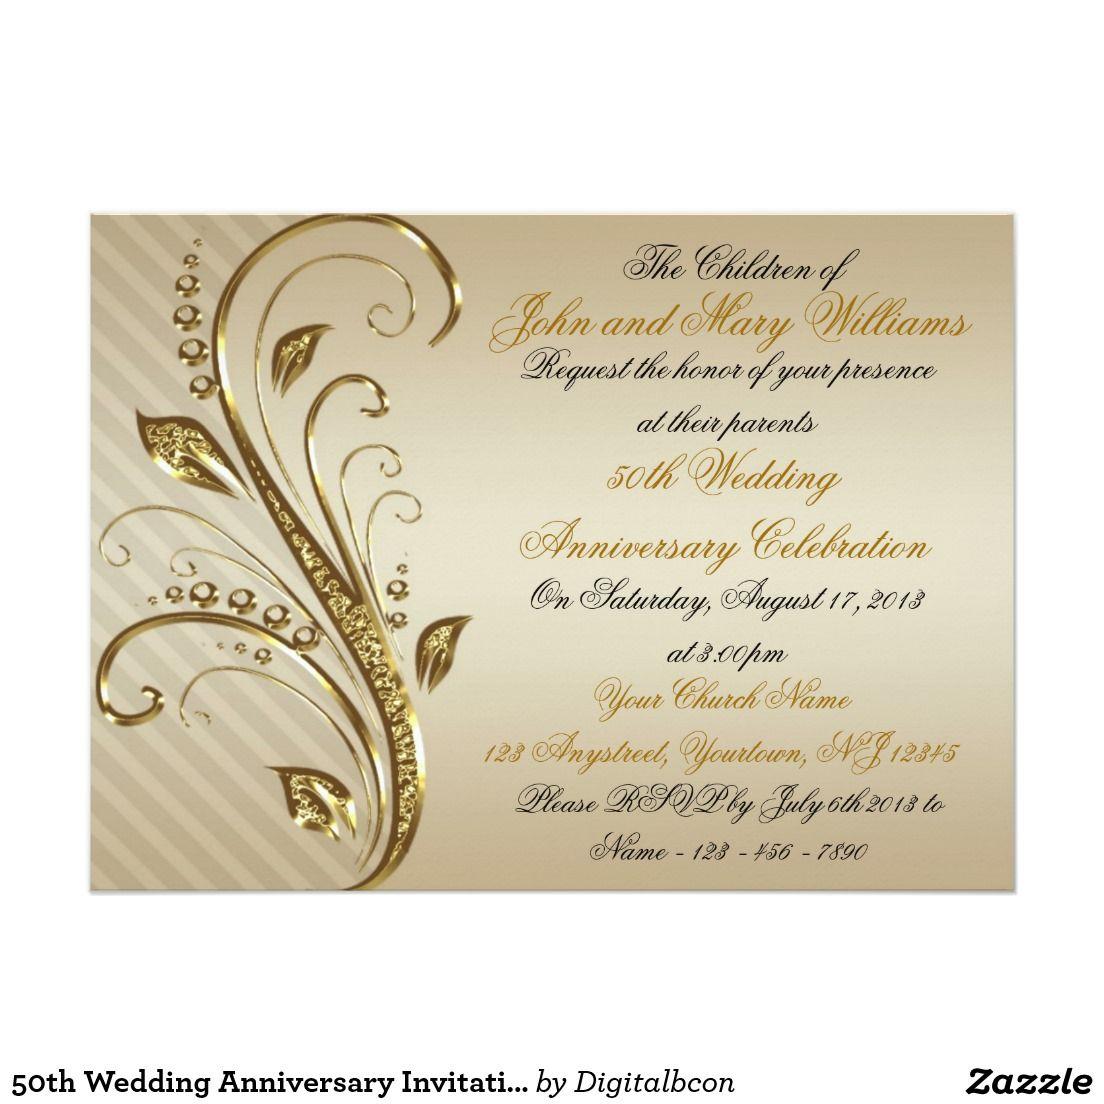 50th Wedding Anniversary Invitation Card Zazzle Com Golden Wedding Anniversary Invitations 50th Wedding Anniversary Anniversary Invitations